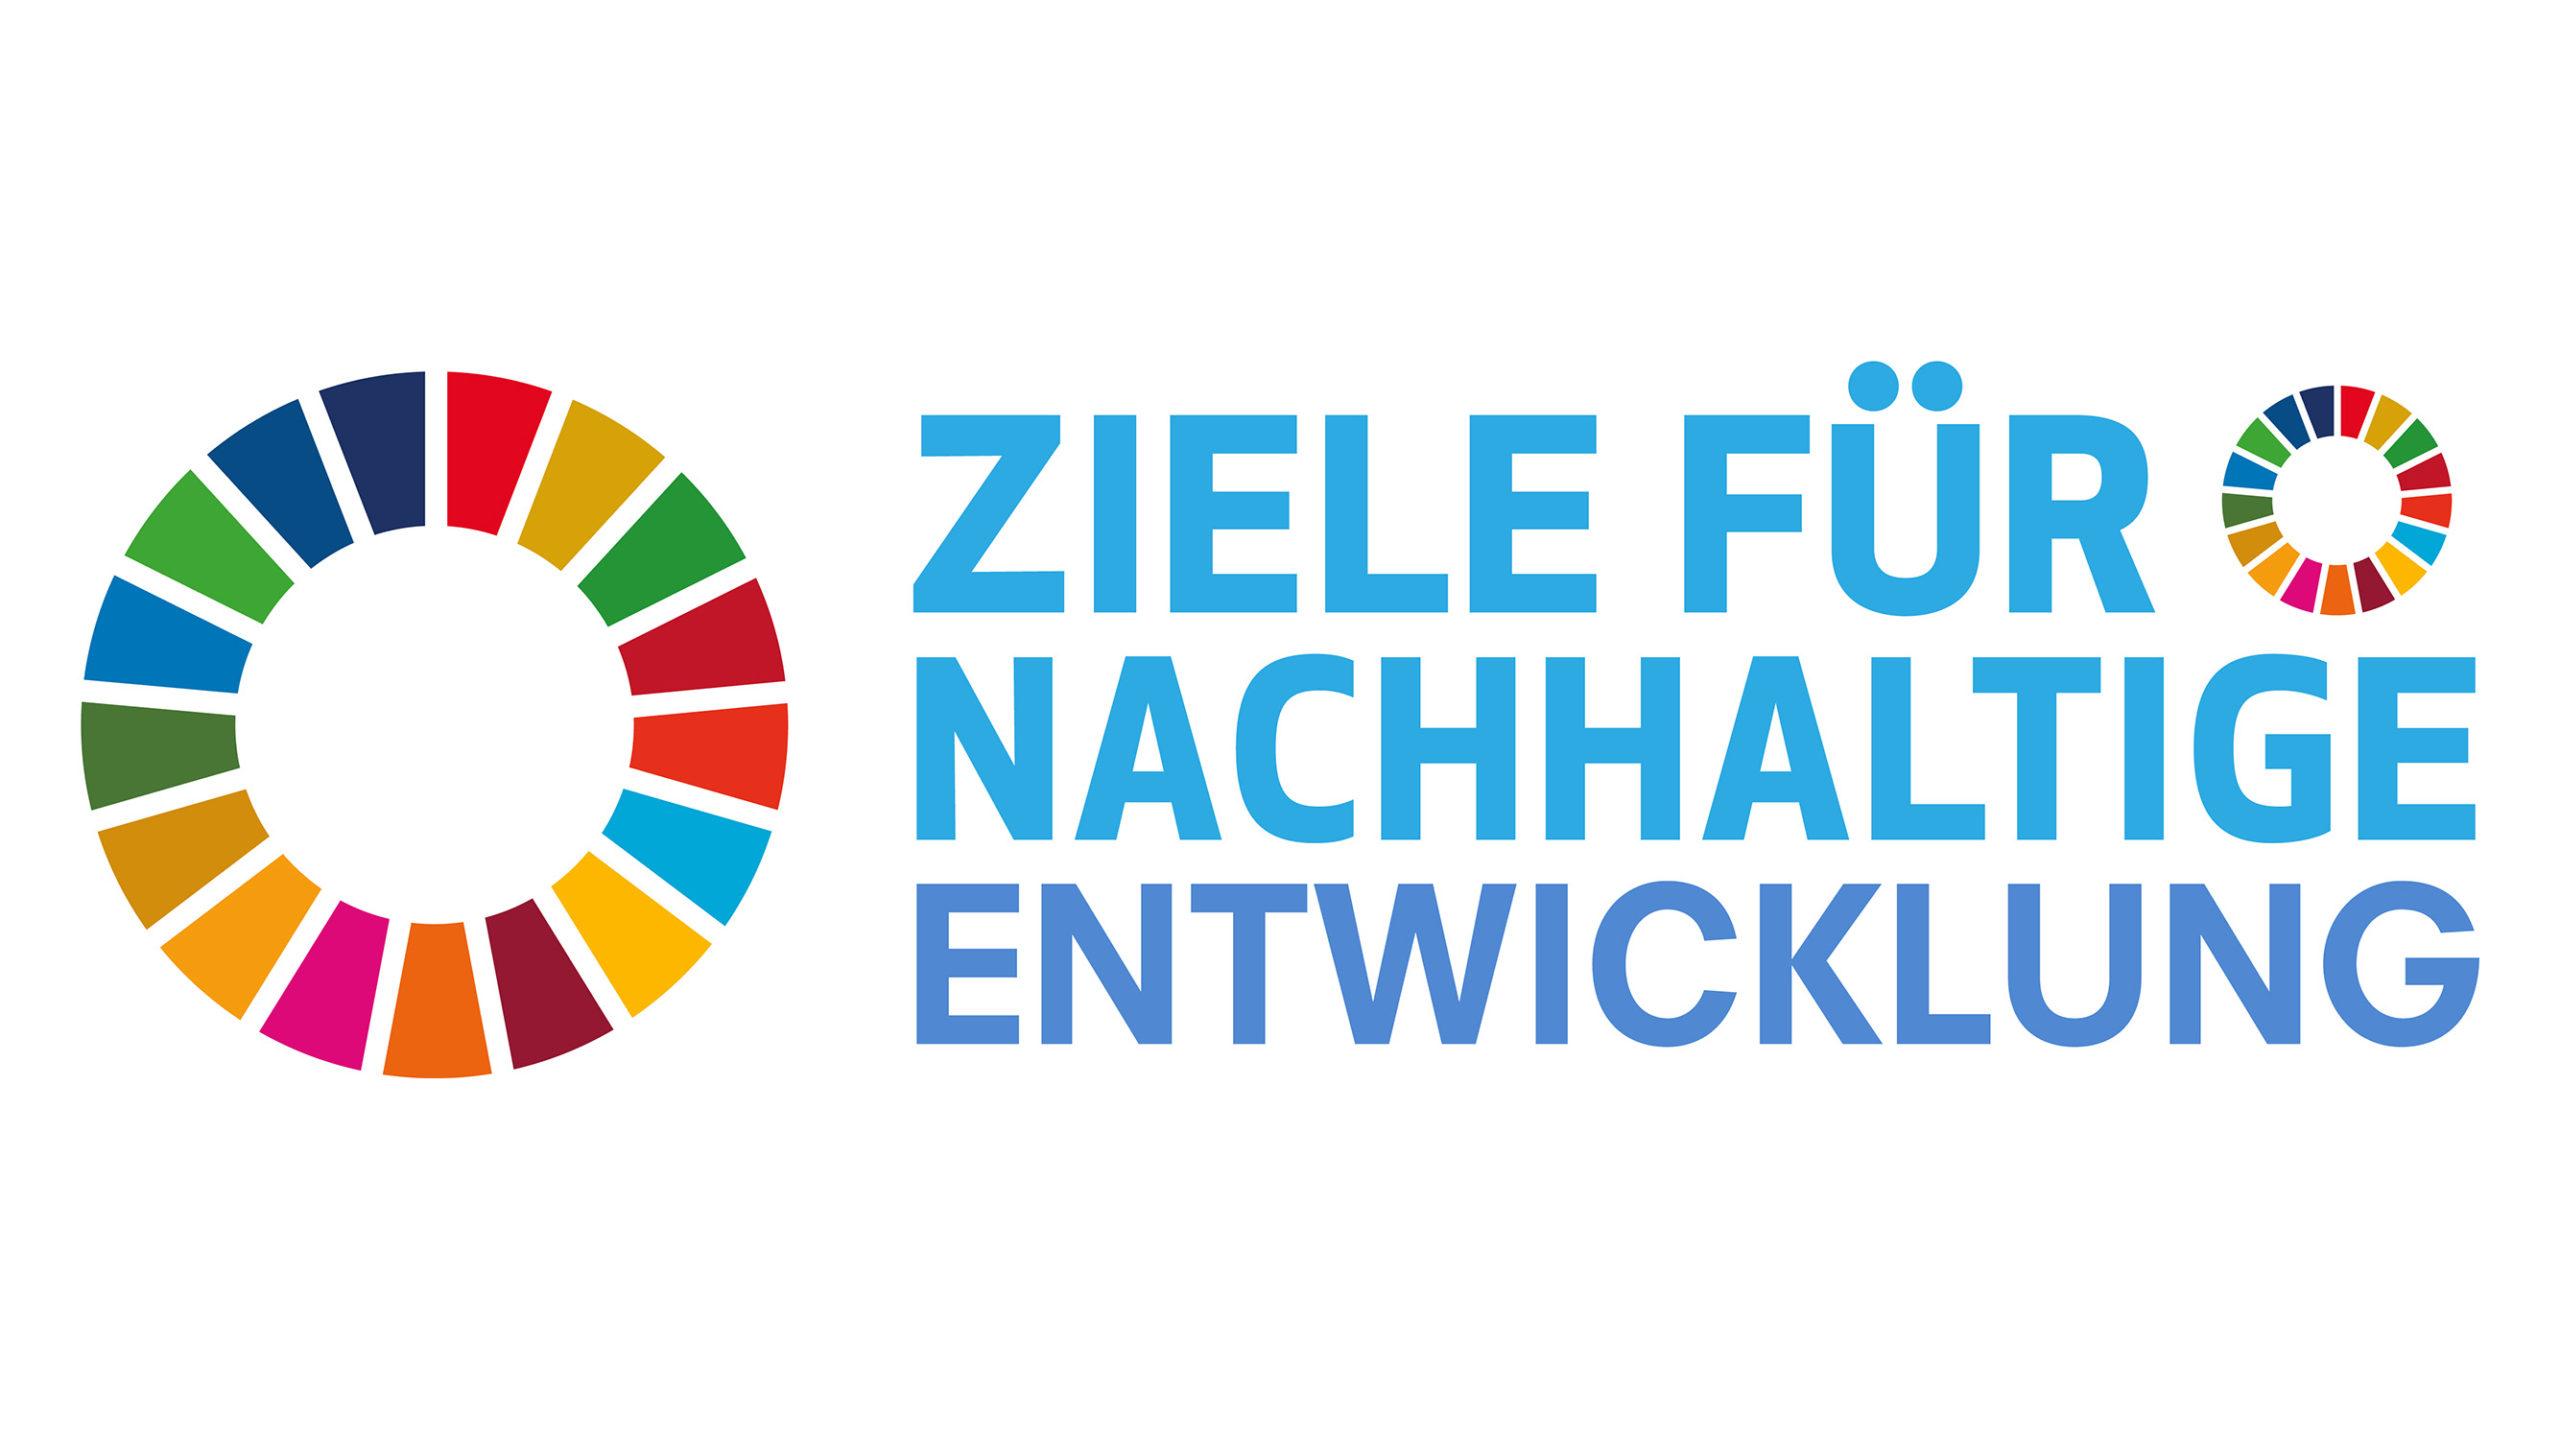 Die 17 Ziele für nachhaltige Entwicklung